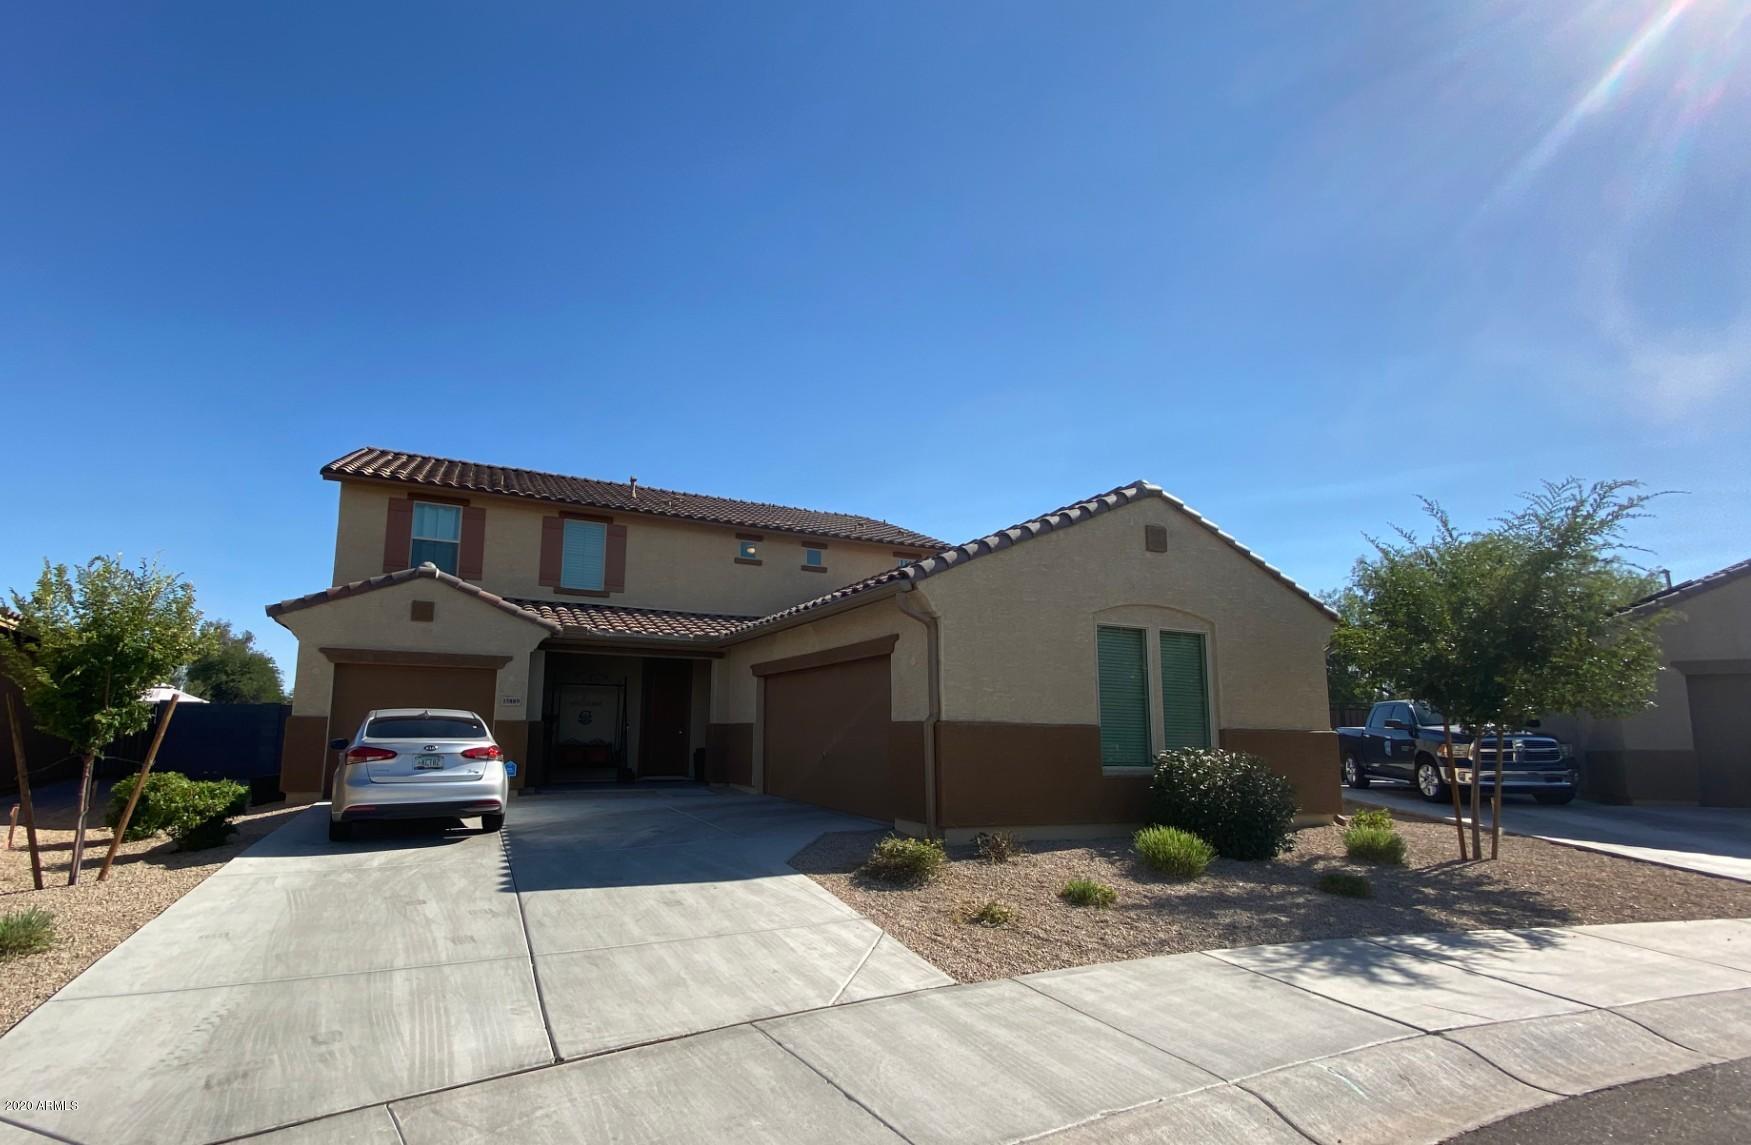 MLS 6095944 Surprise Metro Area, Surprise, AZ 85379 Surprise Homes for Rent